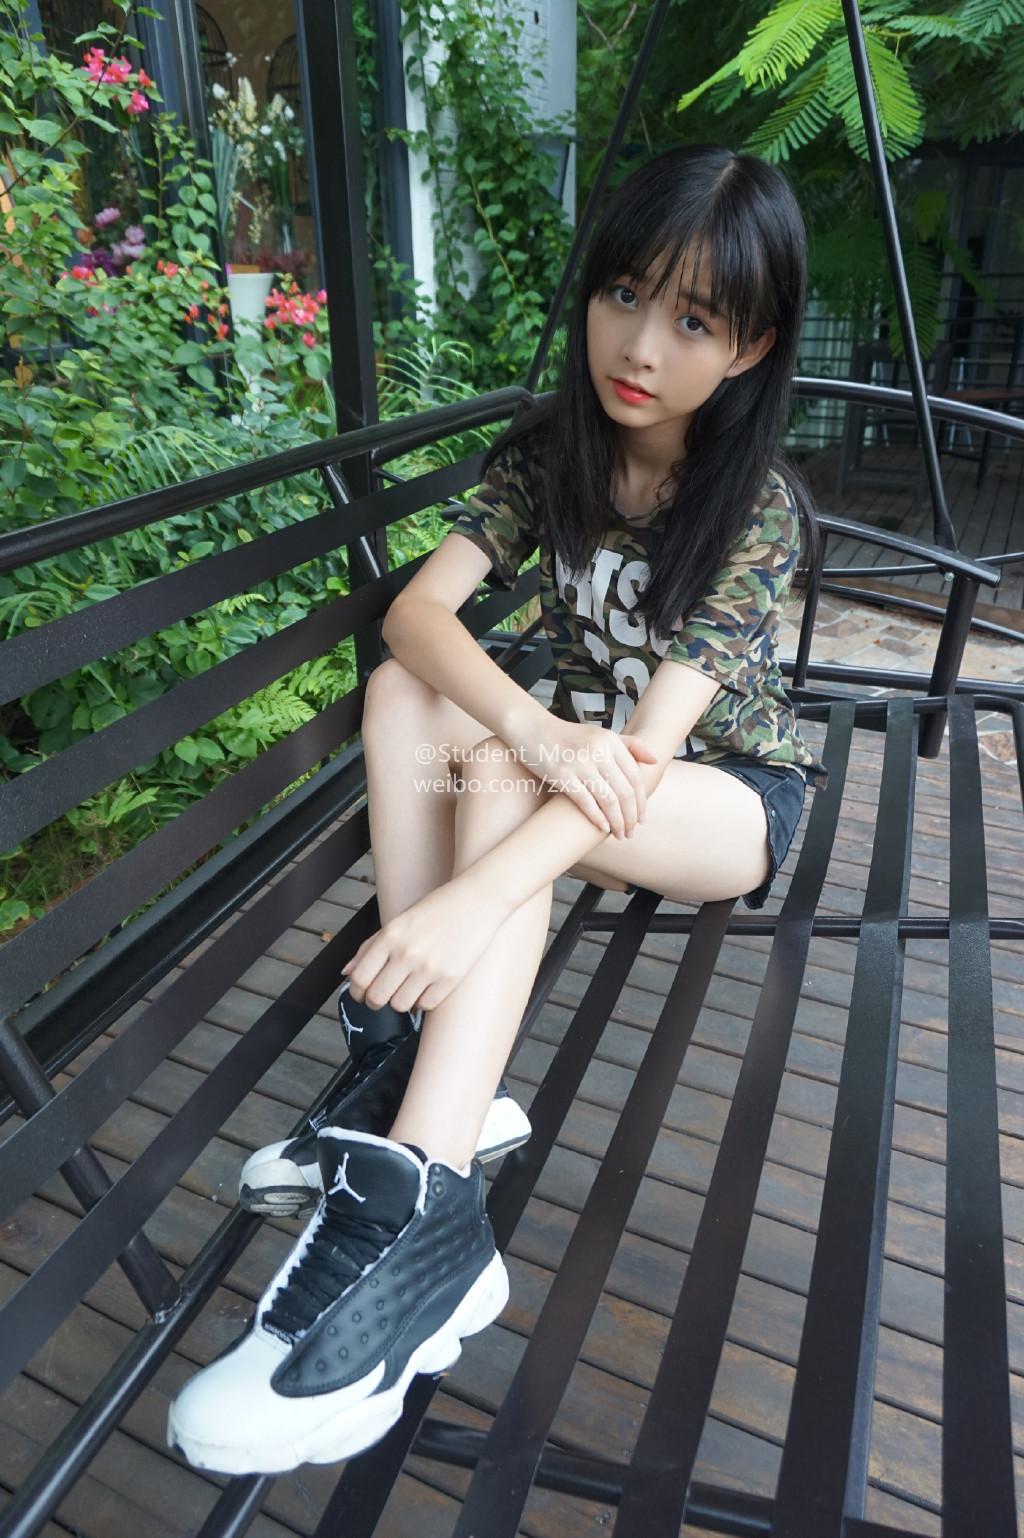 图片[1]-美腿美足Student Model系列合集 3200P分享-福利巴士